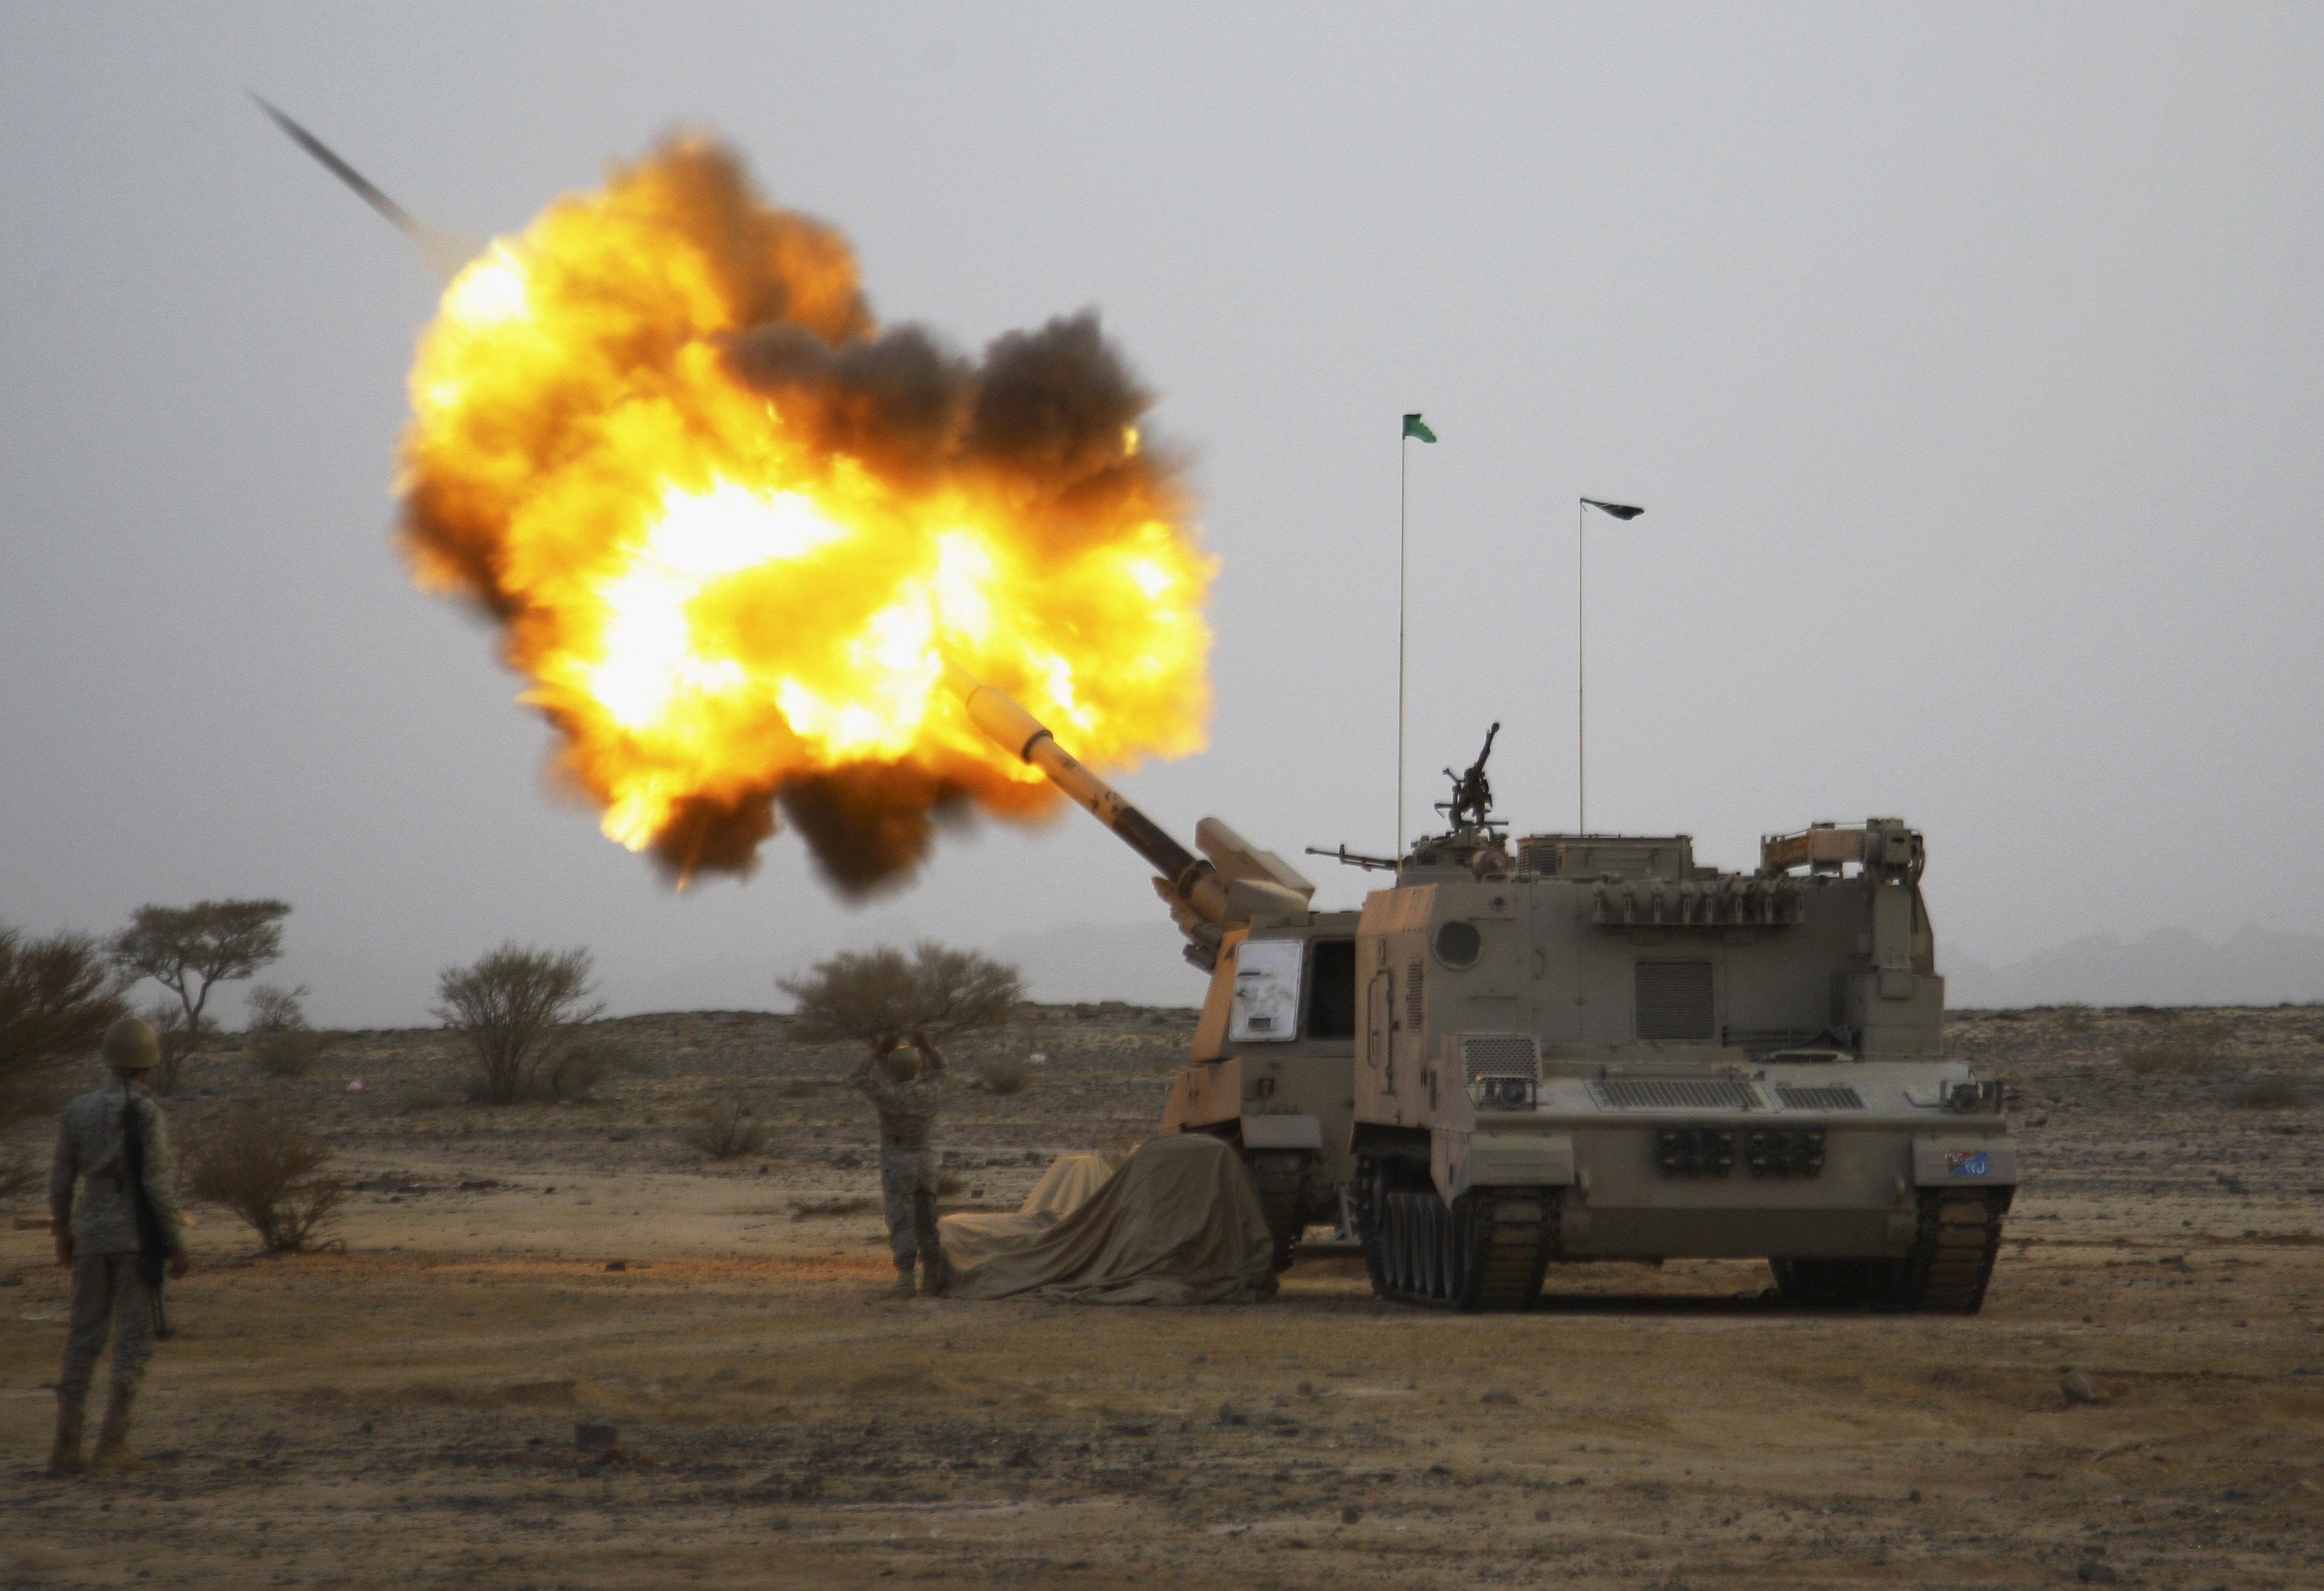 Ποιες χώρες της Δύσης πουλάνε όπλα δισεκατομμυρίων στη Σαουδική Αραβία. Οι πιέσεις μετά τη δολοφονία Κασόγκι και ένας ξεχασμέ...